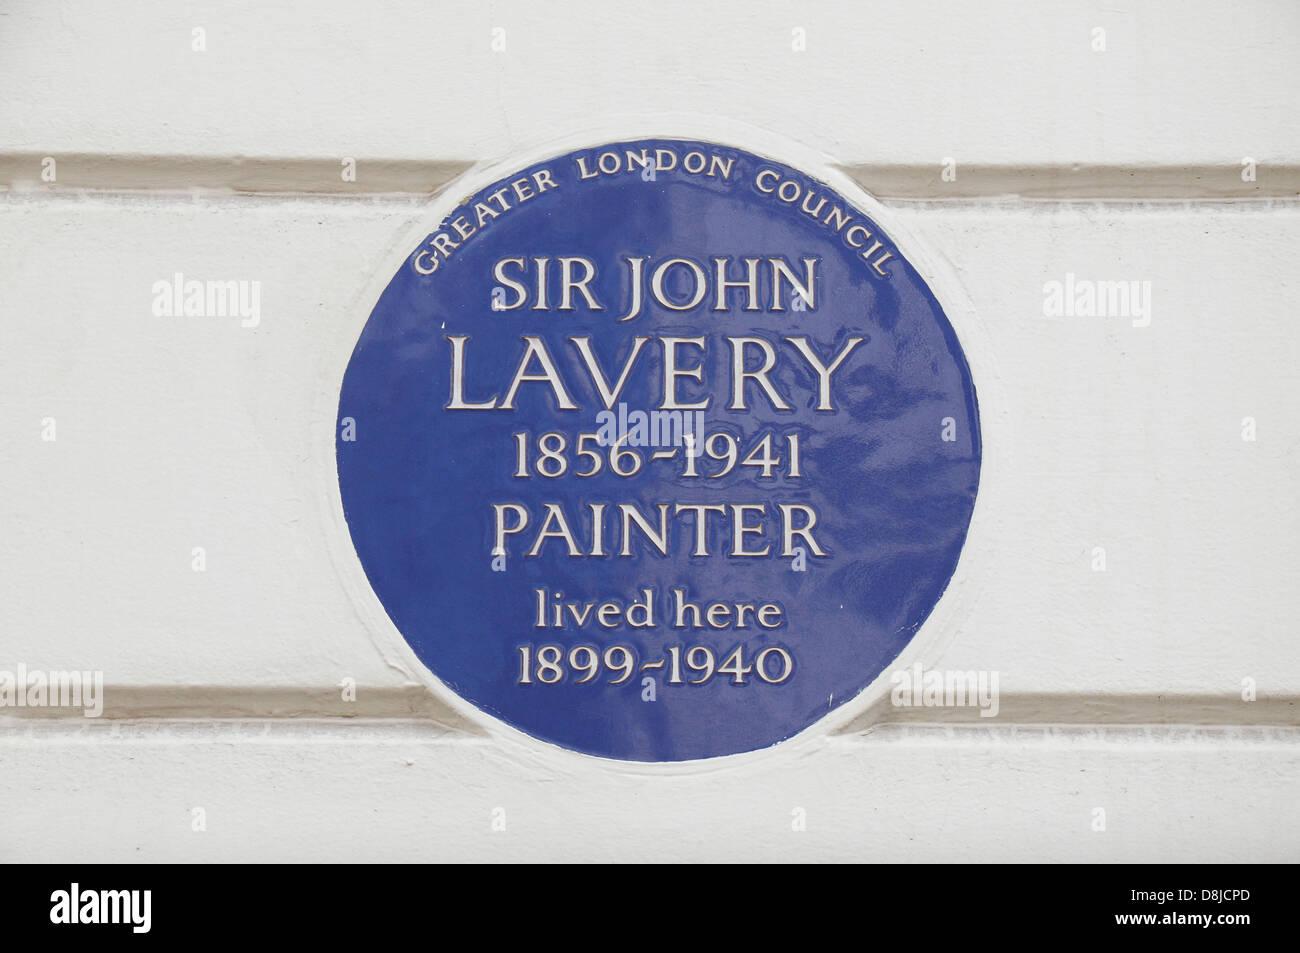 Greater London Council blue plaque pour le peintre Sir John Lavery, 5 Cromwell Place, South Kensington, London SW7, UK Banque D'Images